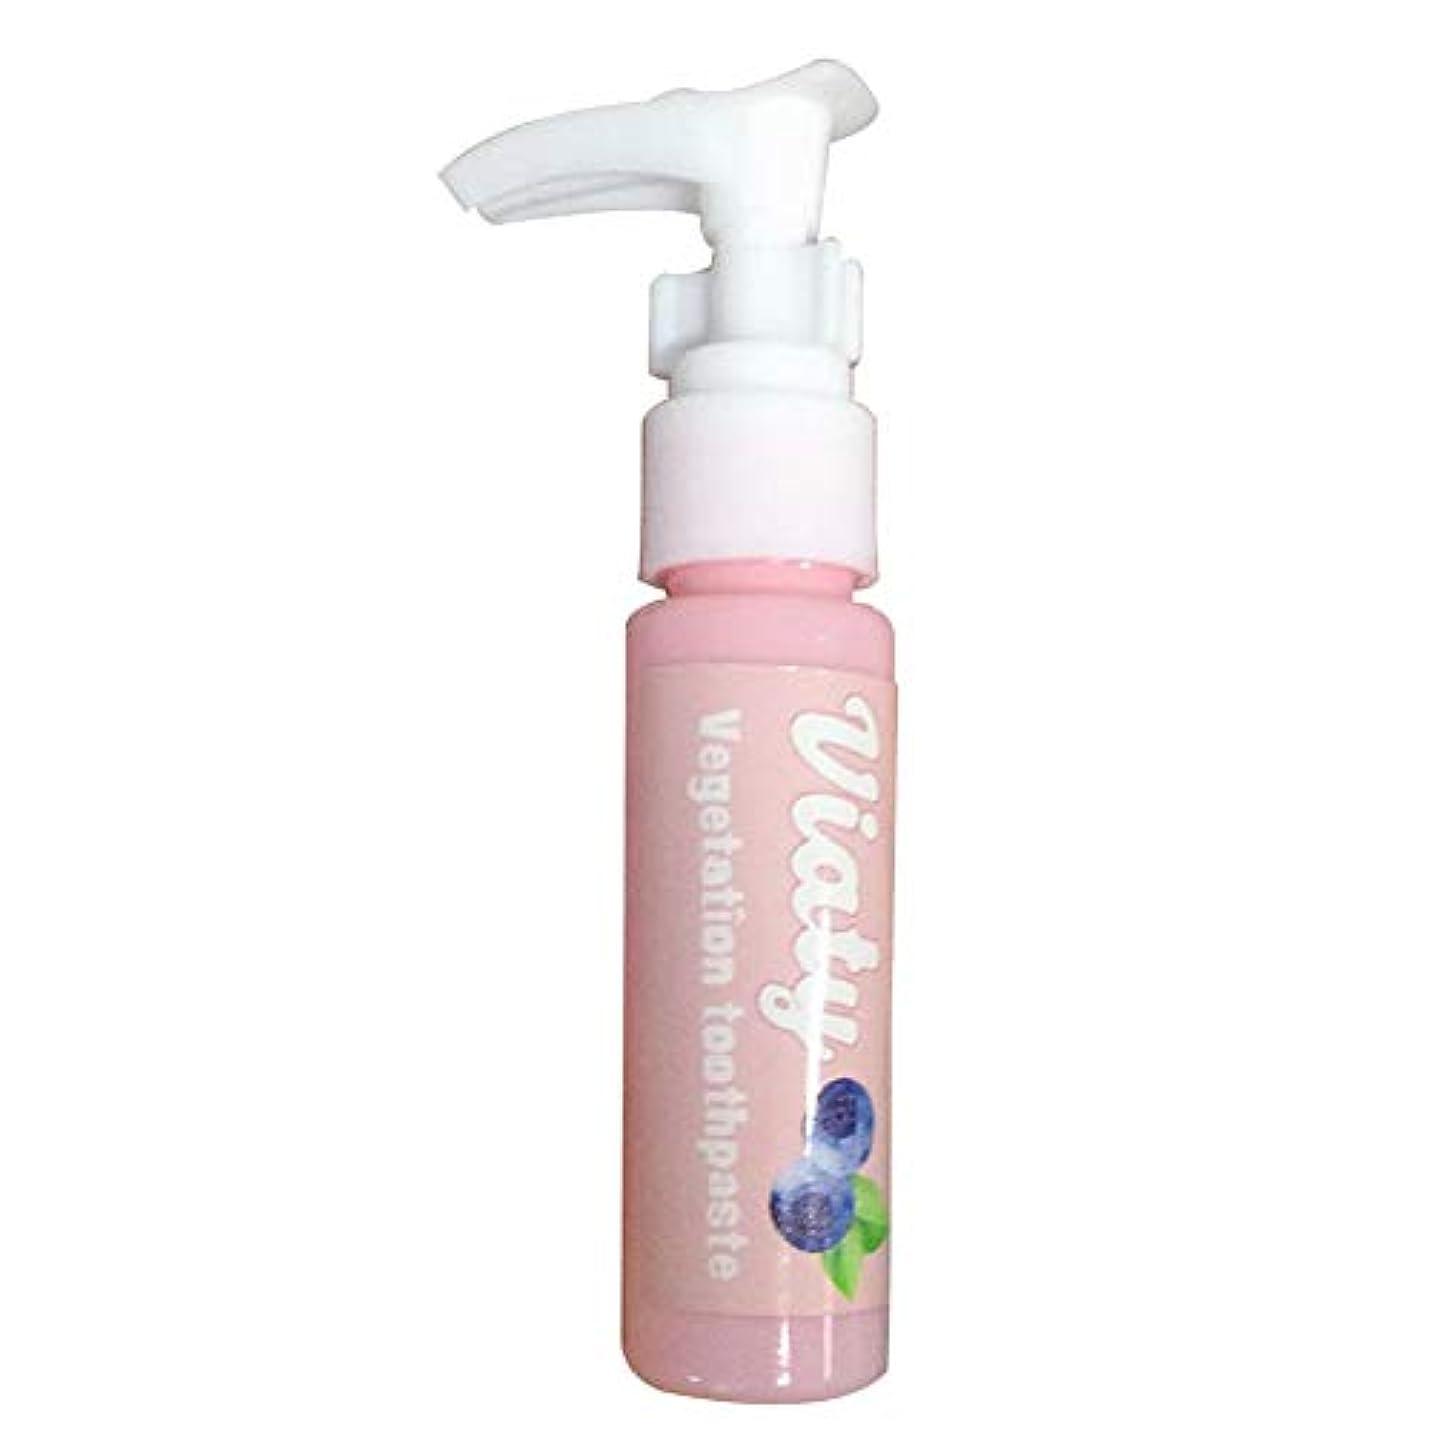 アナログ処方する送金CoolTack 歯磨き粉を押す旅行ベーキングソーダを白くする装置のフルーティーなベーキングソーダ歯磨き粉